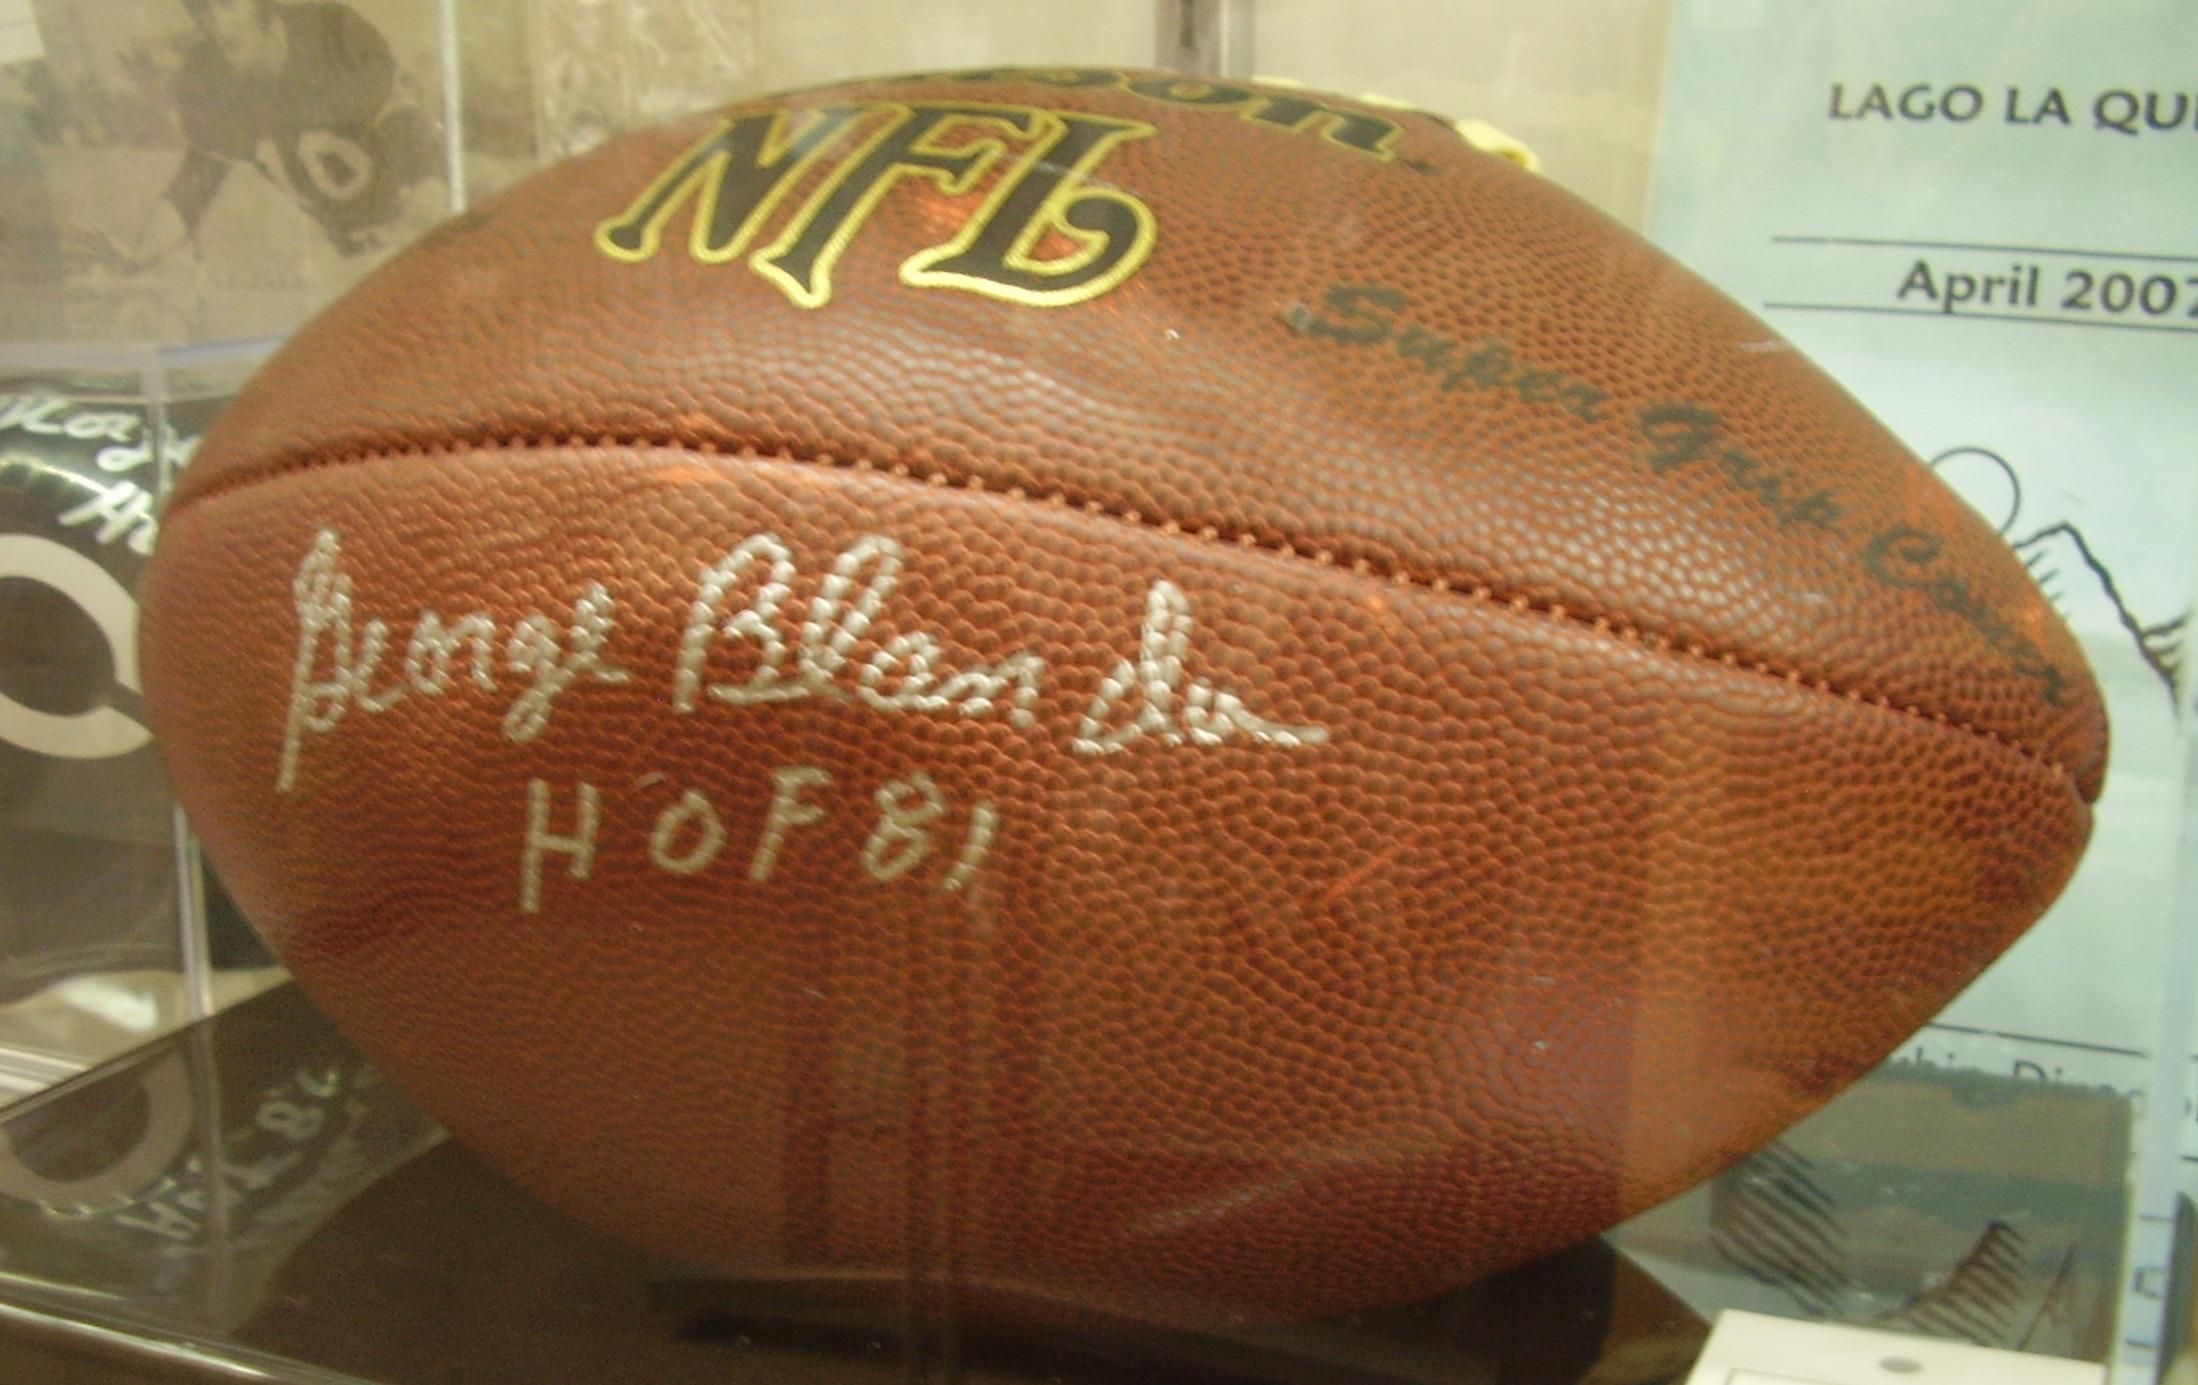 George Blanda Autographed Football